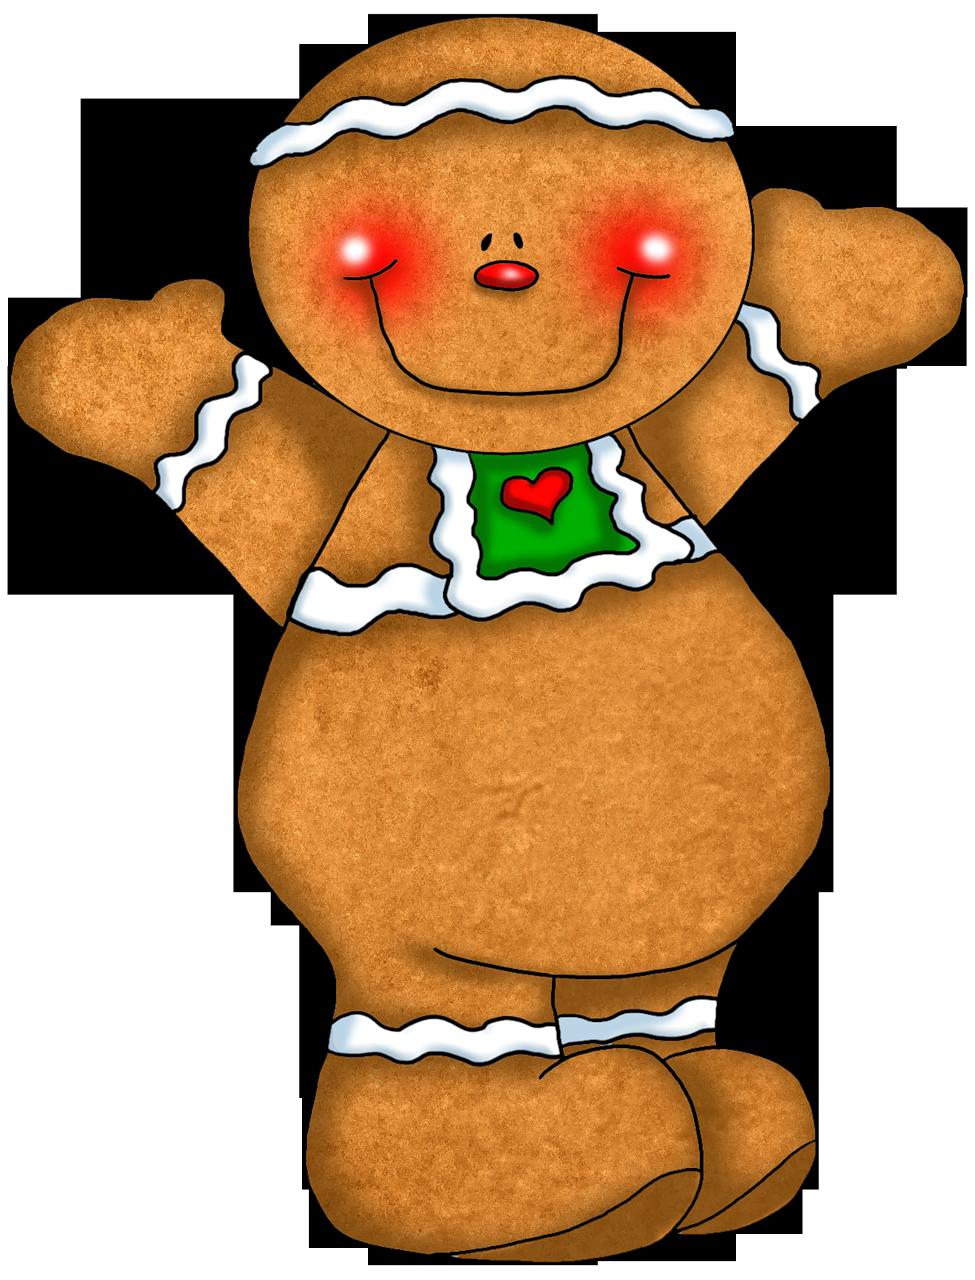 Gingerbread House Clip Art - ClipArt Best